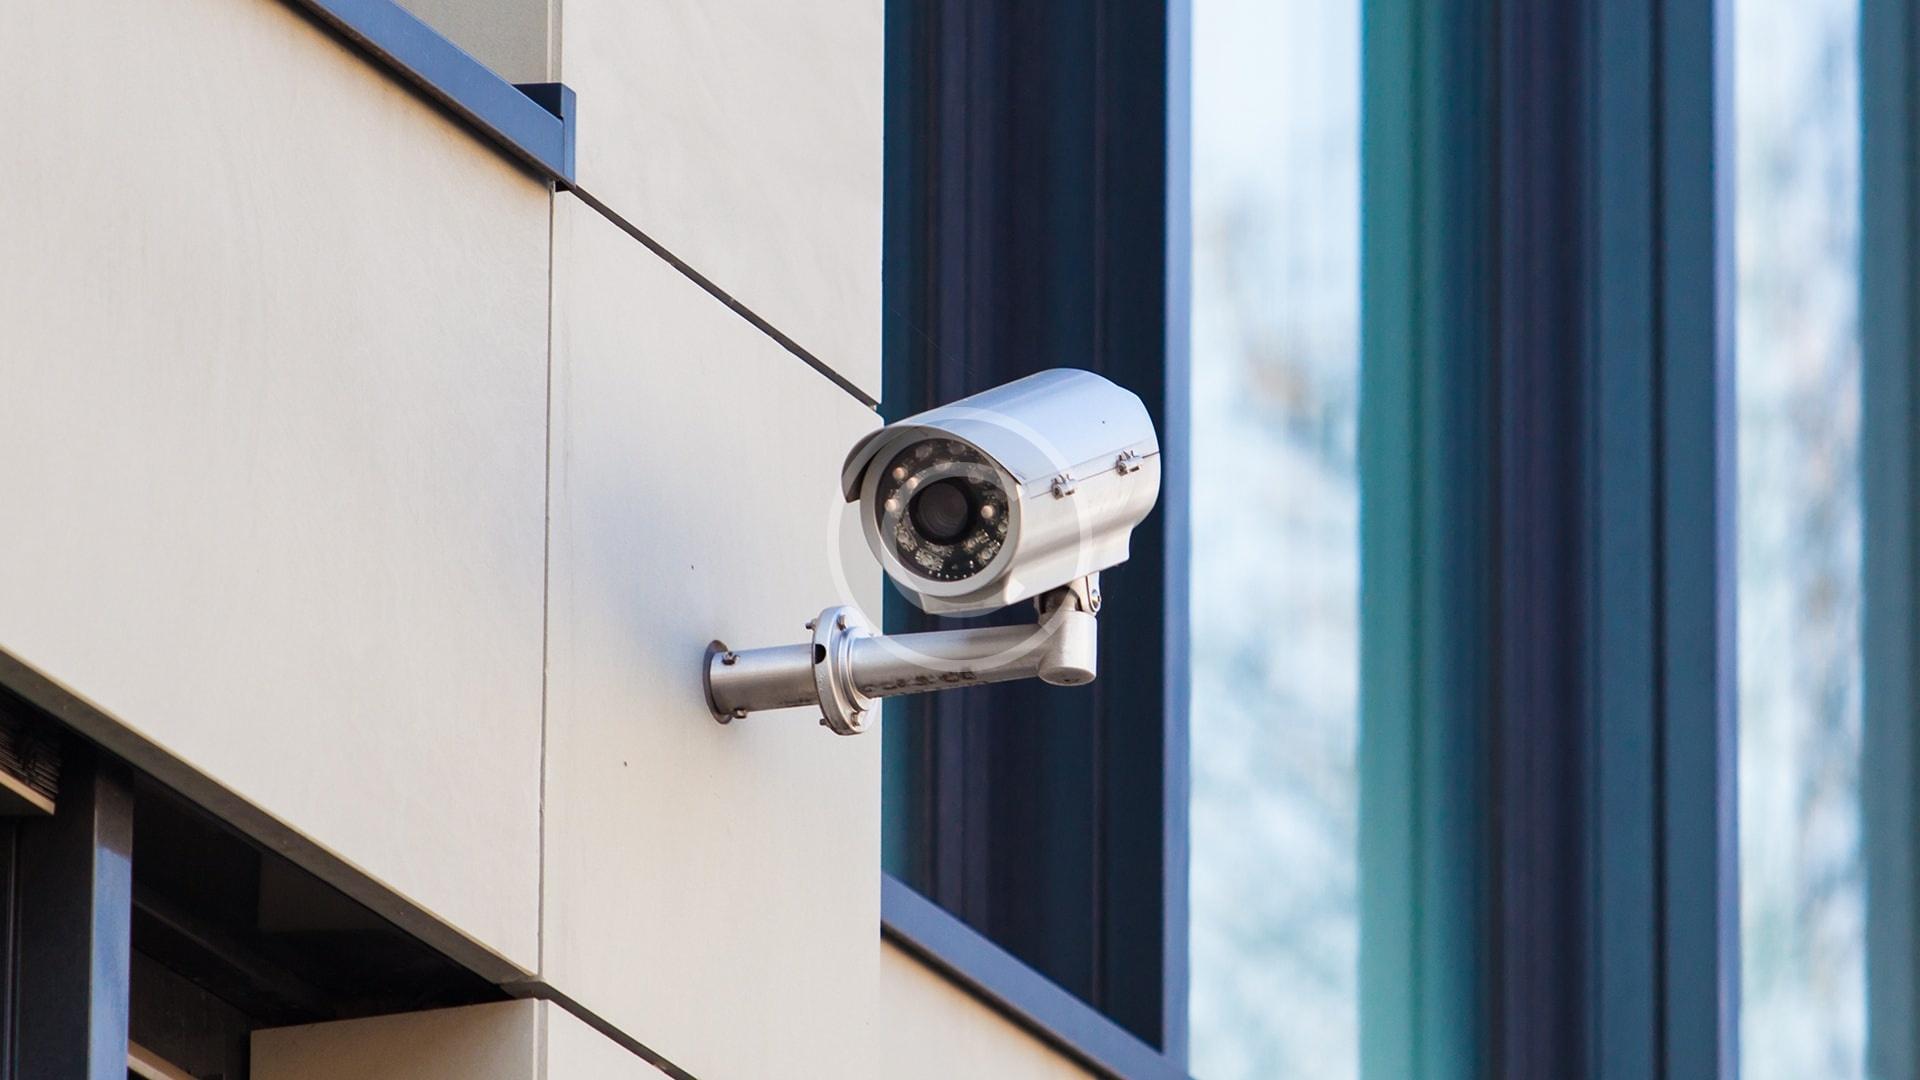 Home CCTV Security Systems Dublin